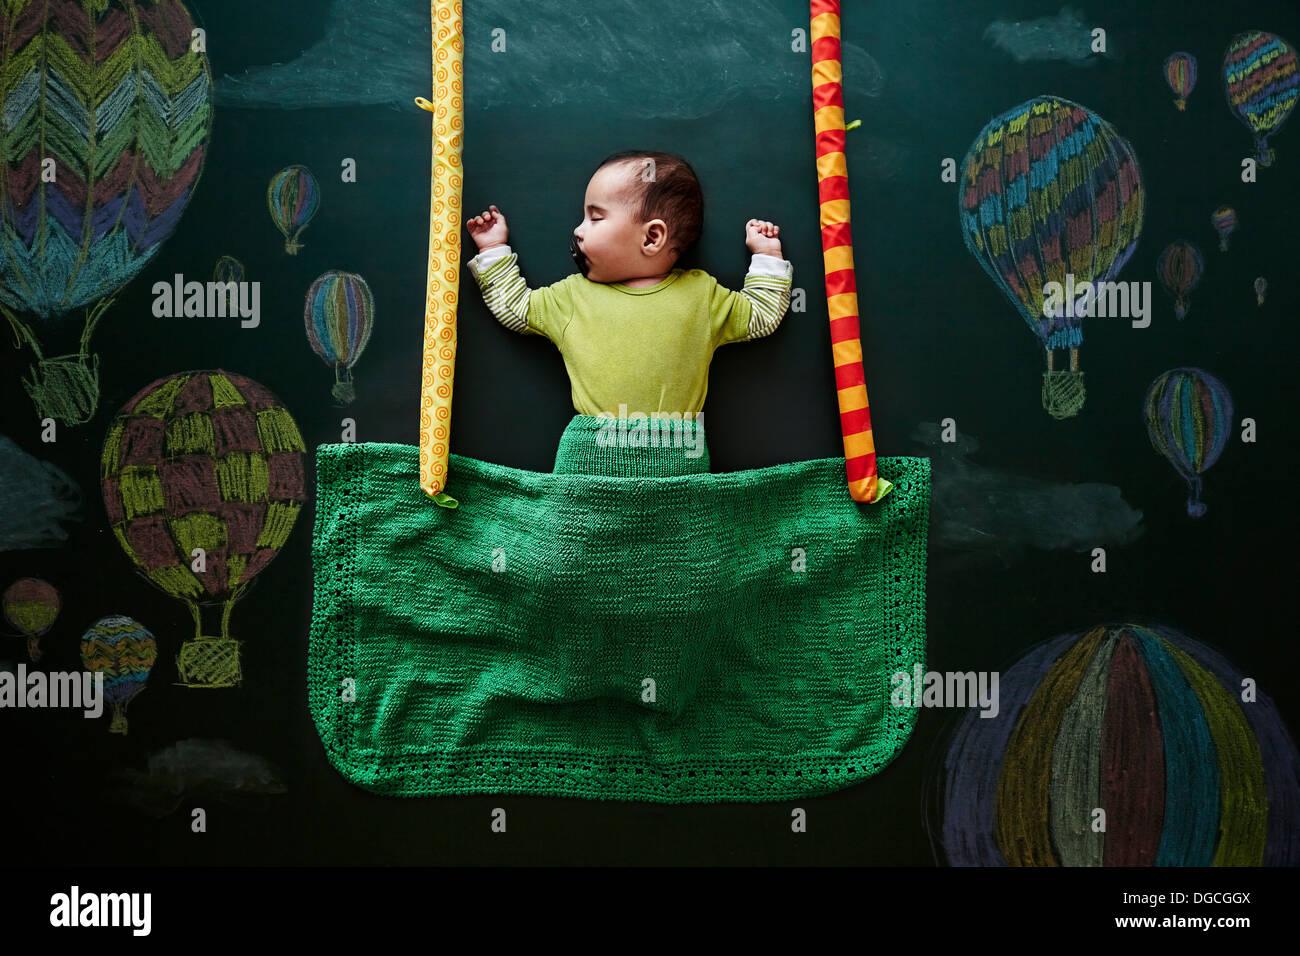 Baby girl sleeping against drawings on blackboard, overhead view - Stock Image